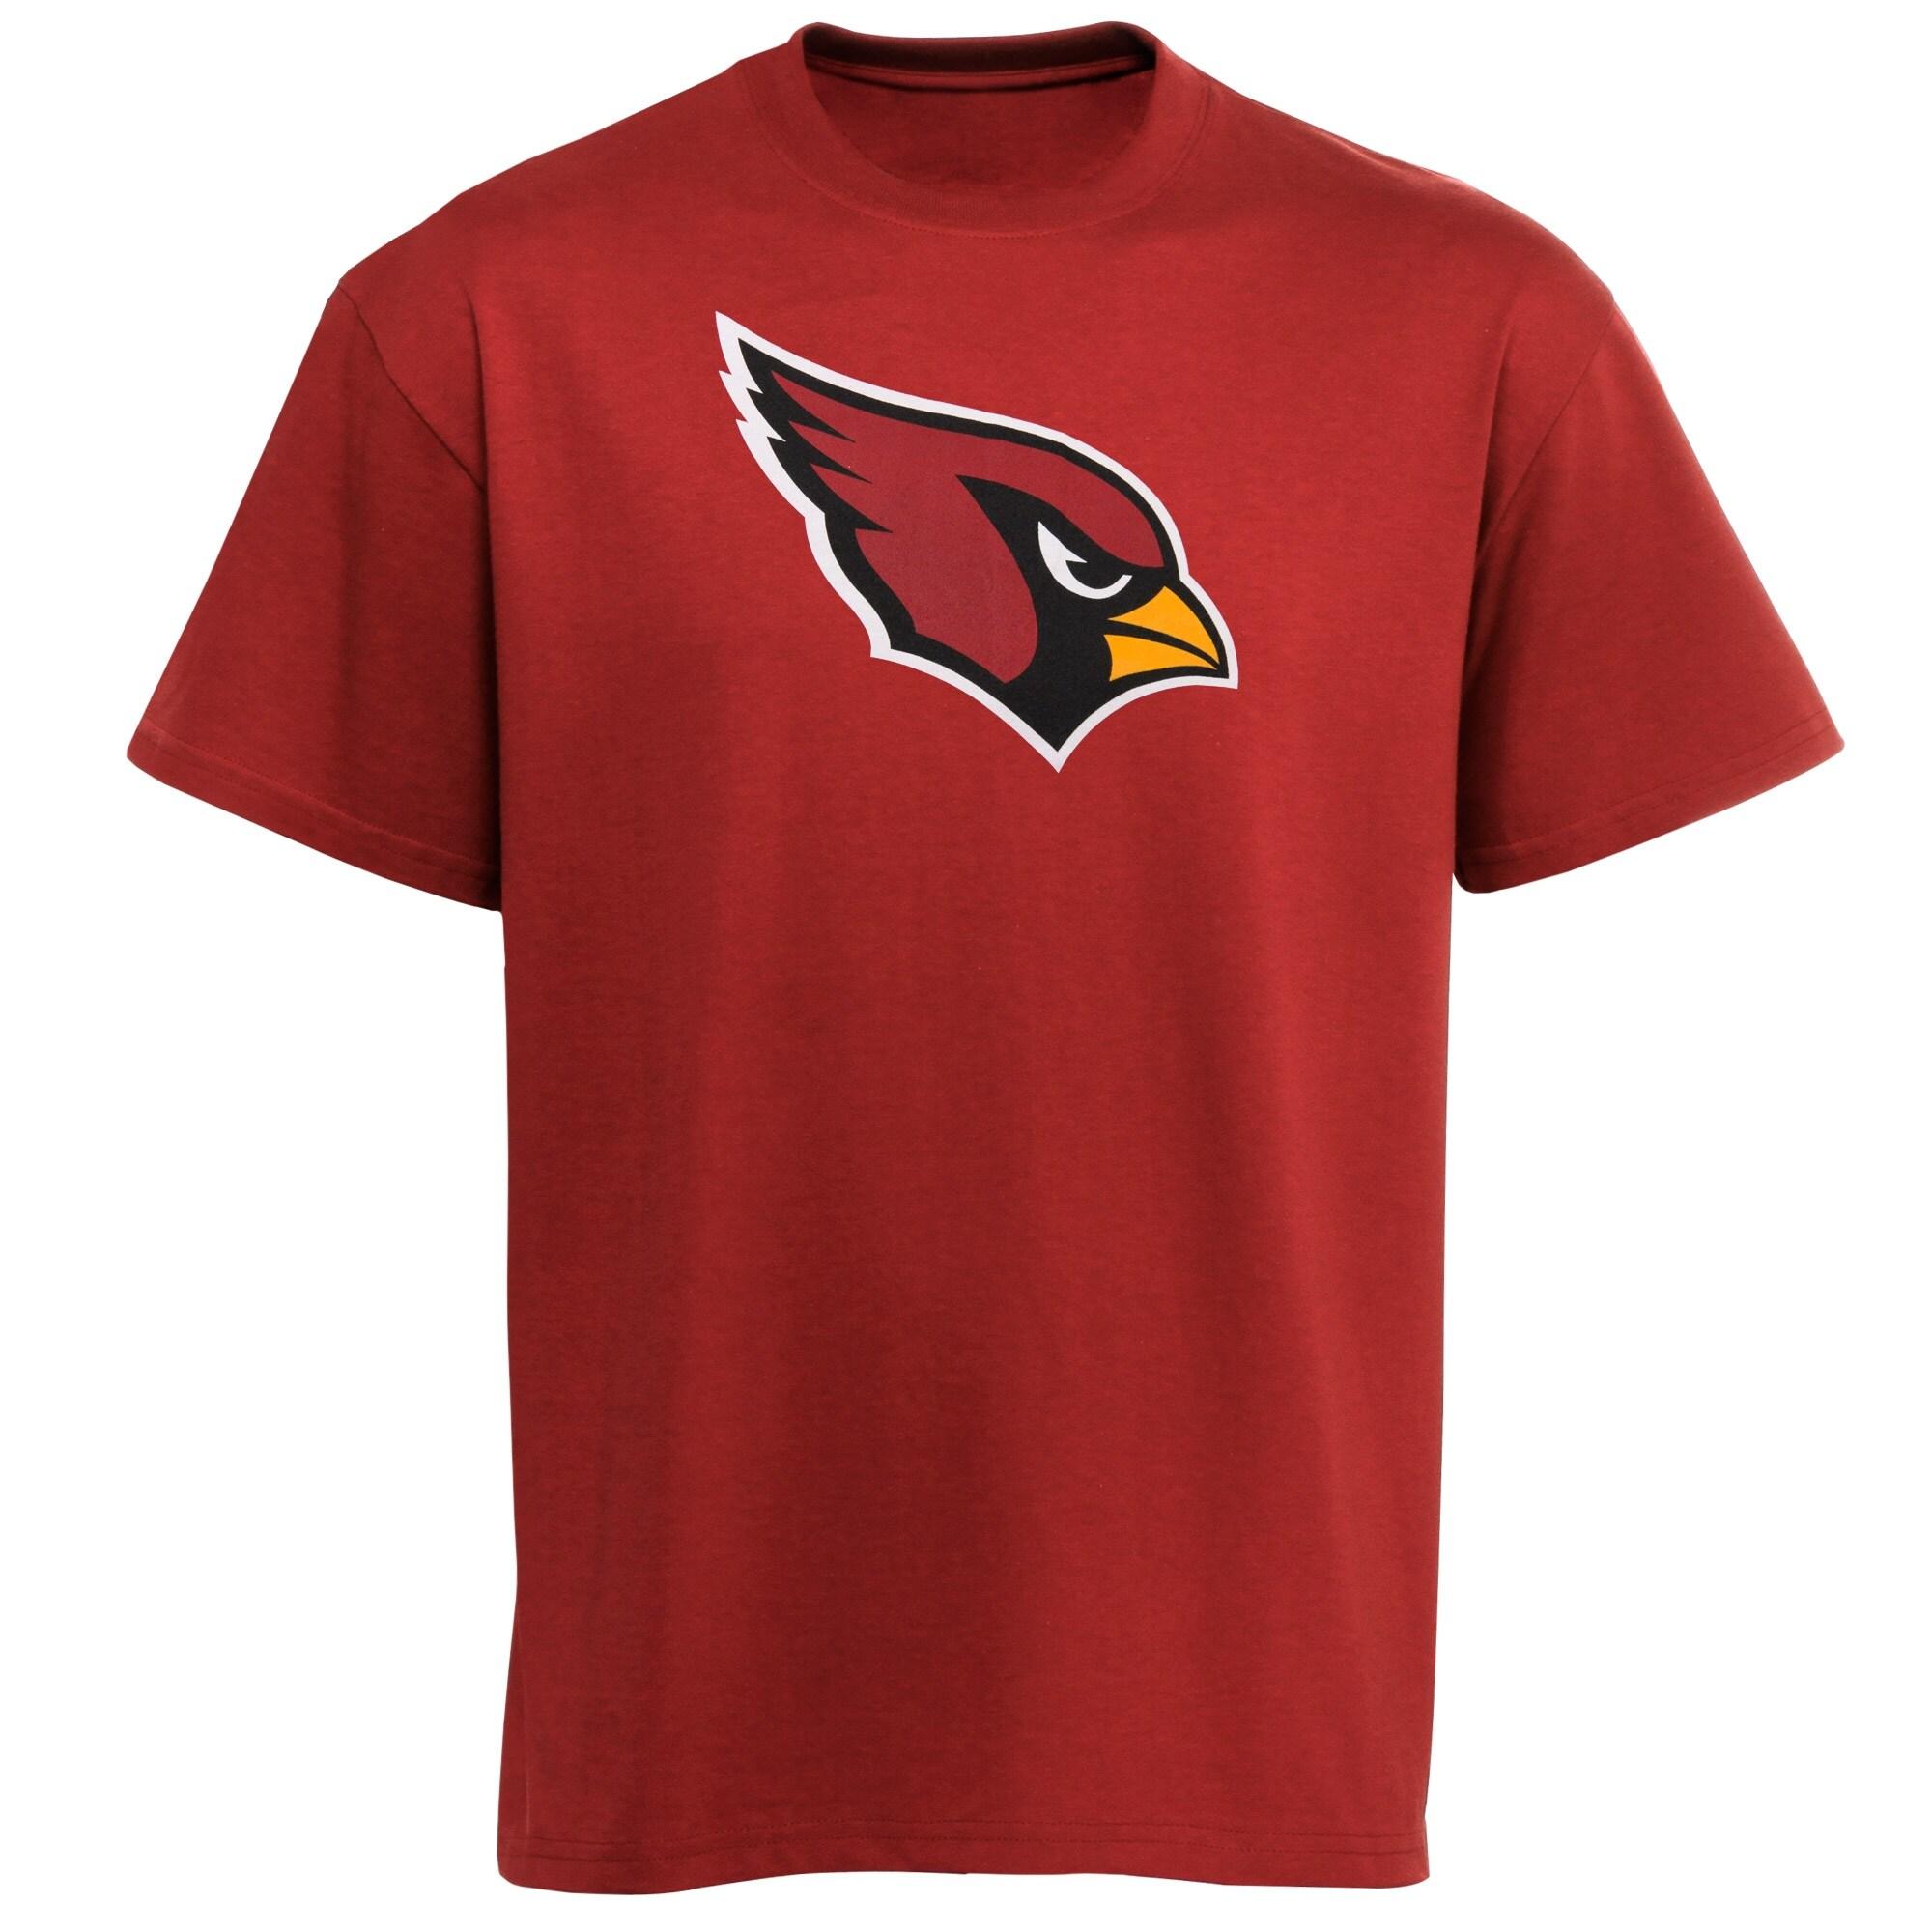 Arizona Cardinals Youth Team Logo T-Shirt - Cardinal